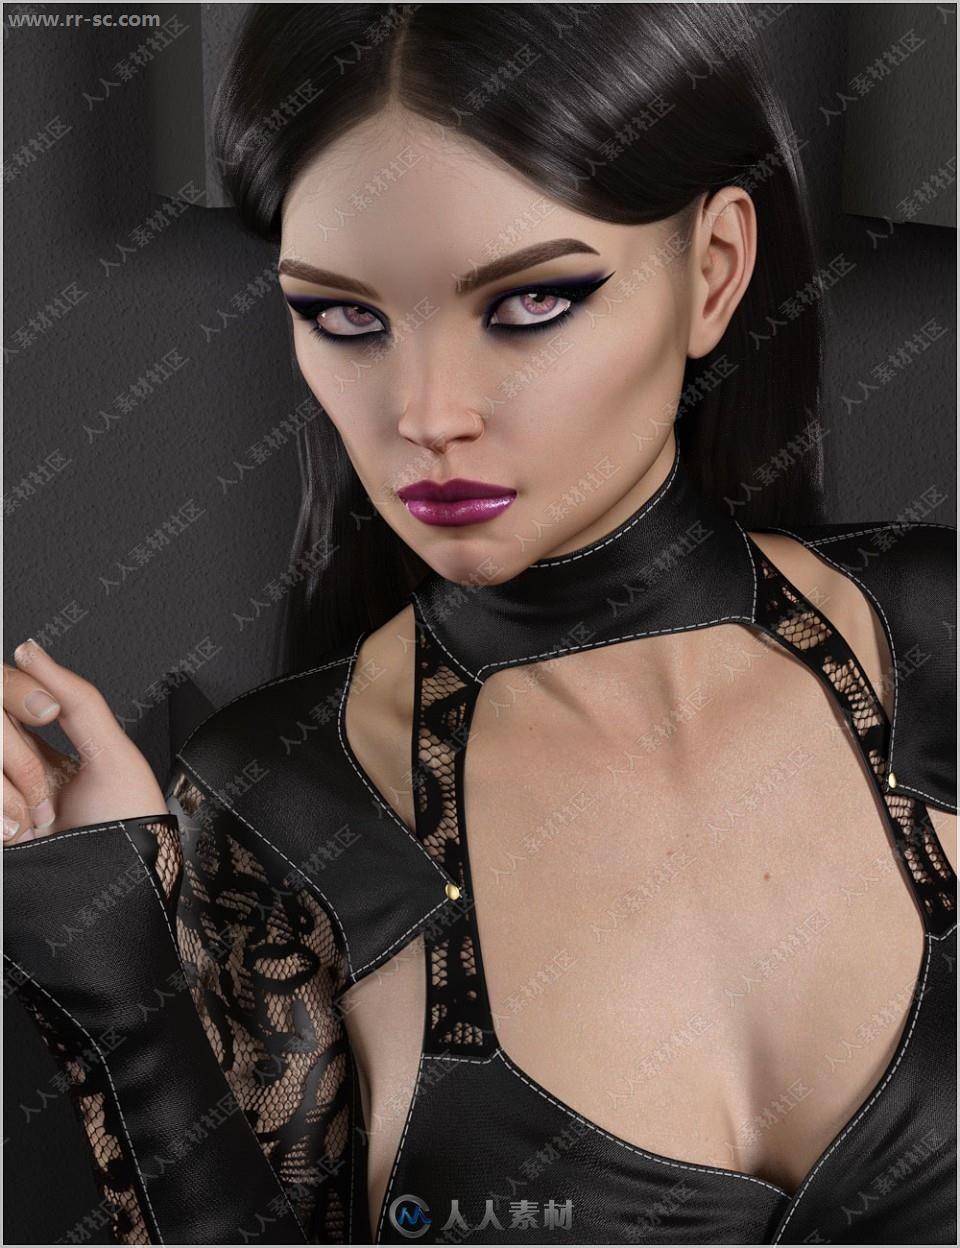 高颧骨美丽女孩多组妆容3D模型